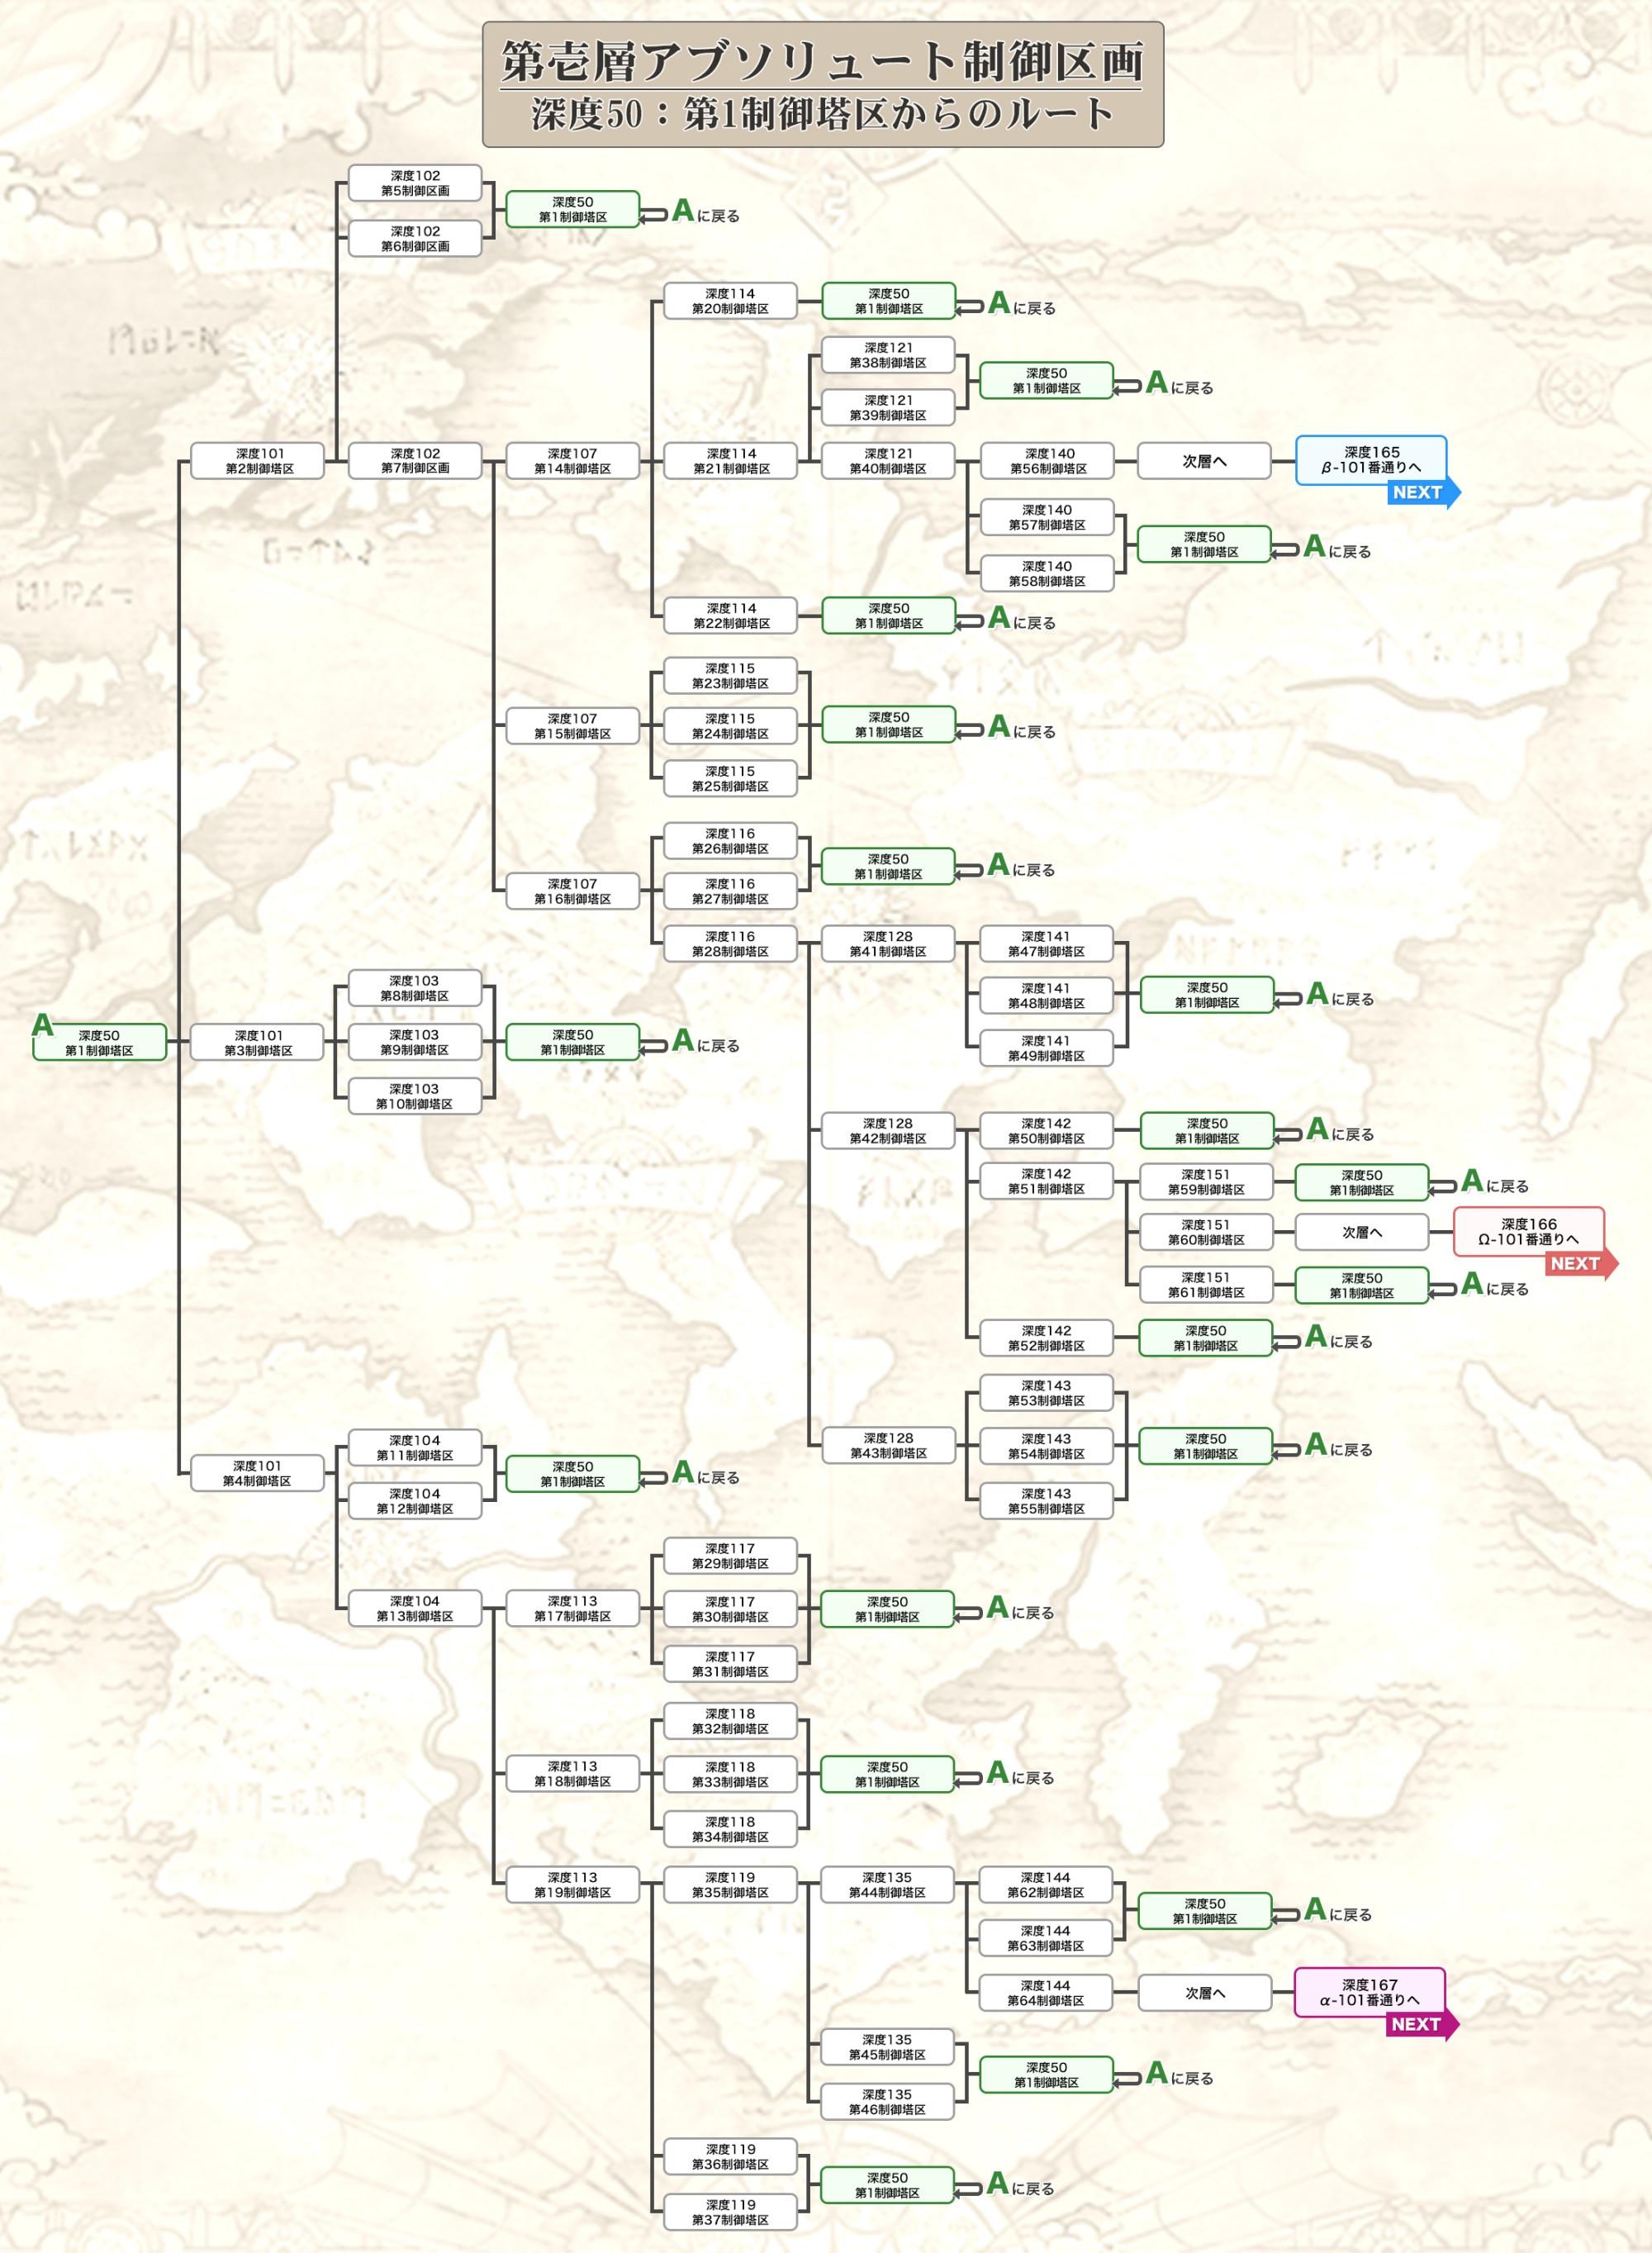 第壱層アブソリュート制御区画